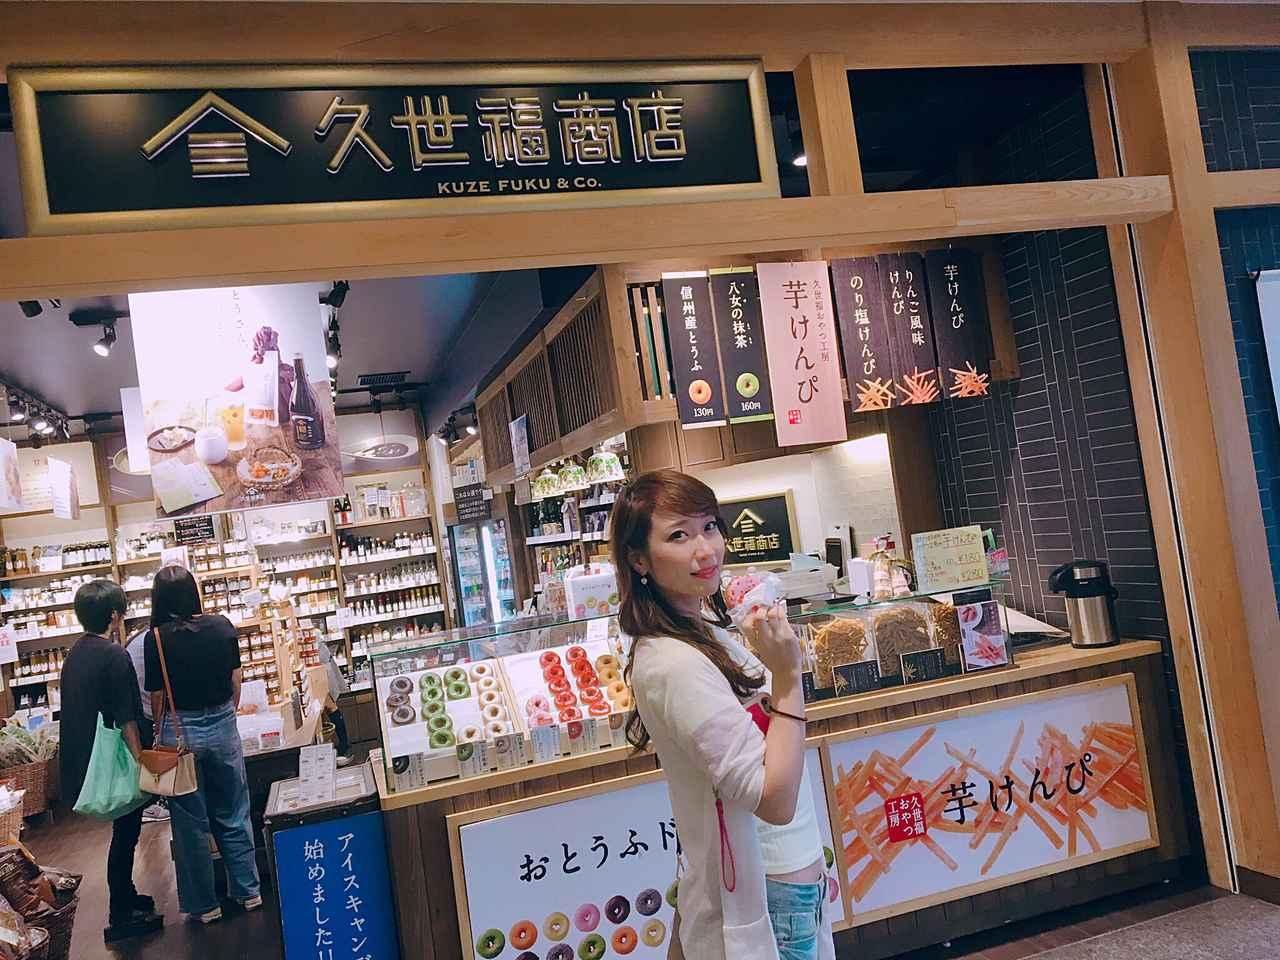 画像2: 東京ソラマチで食べ歩き♡ミク様オススメグルメをご紹介!!【水曜日のミク様番外編】